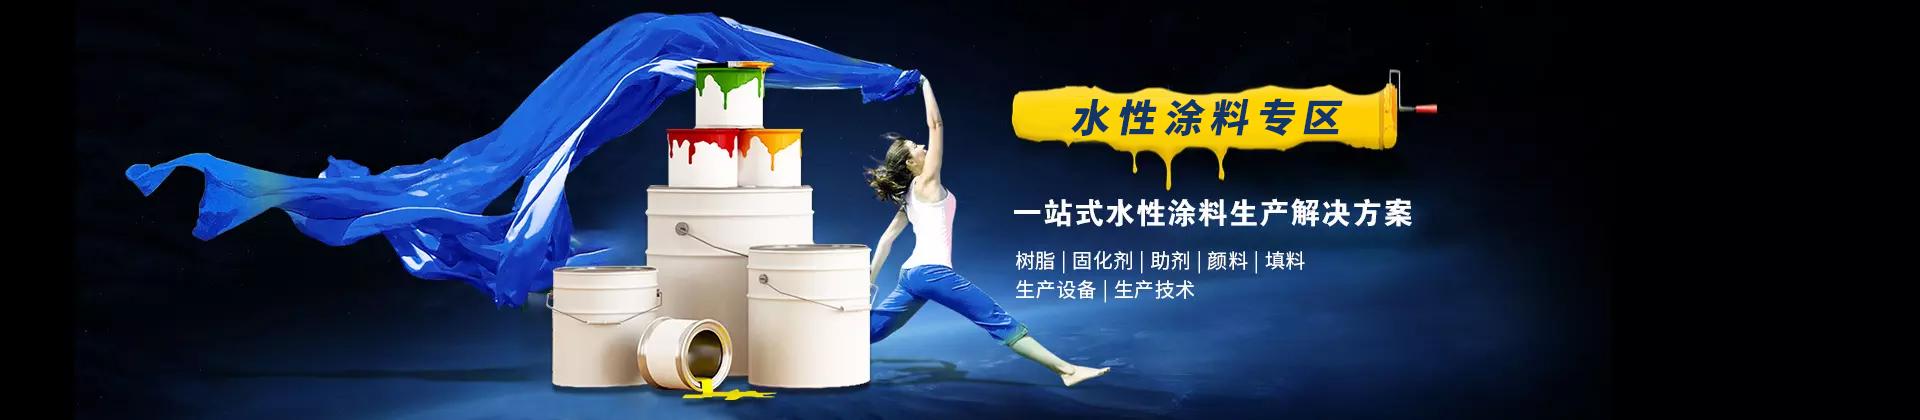 水性专区banner